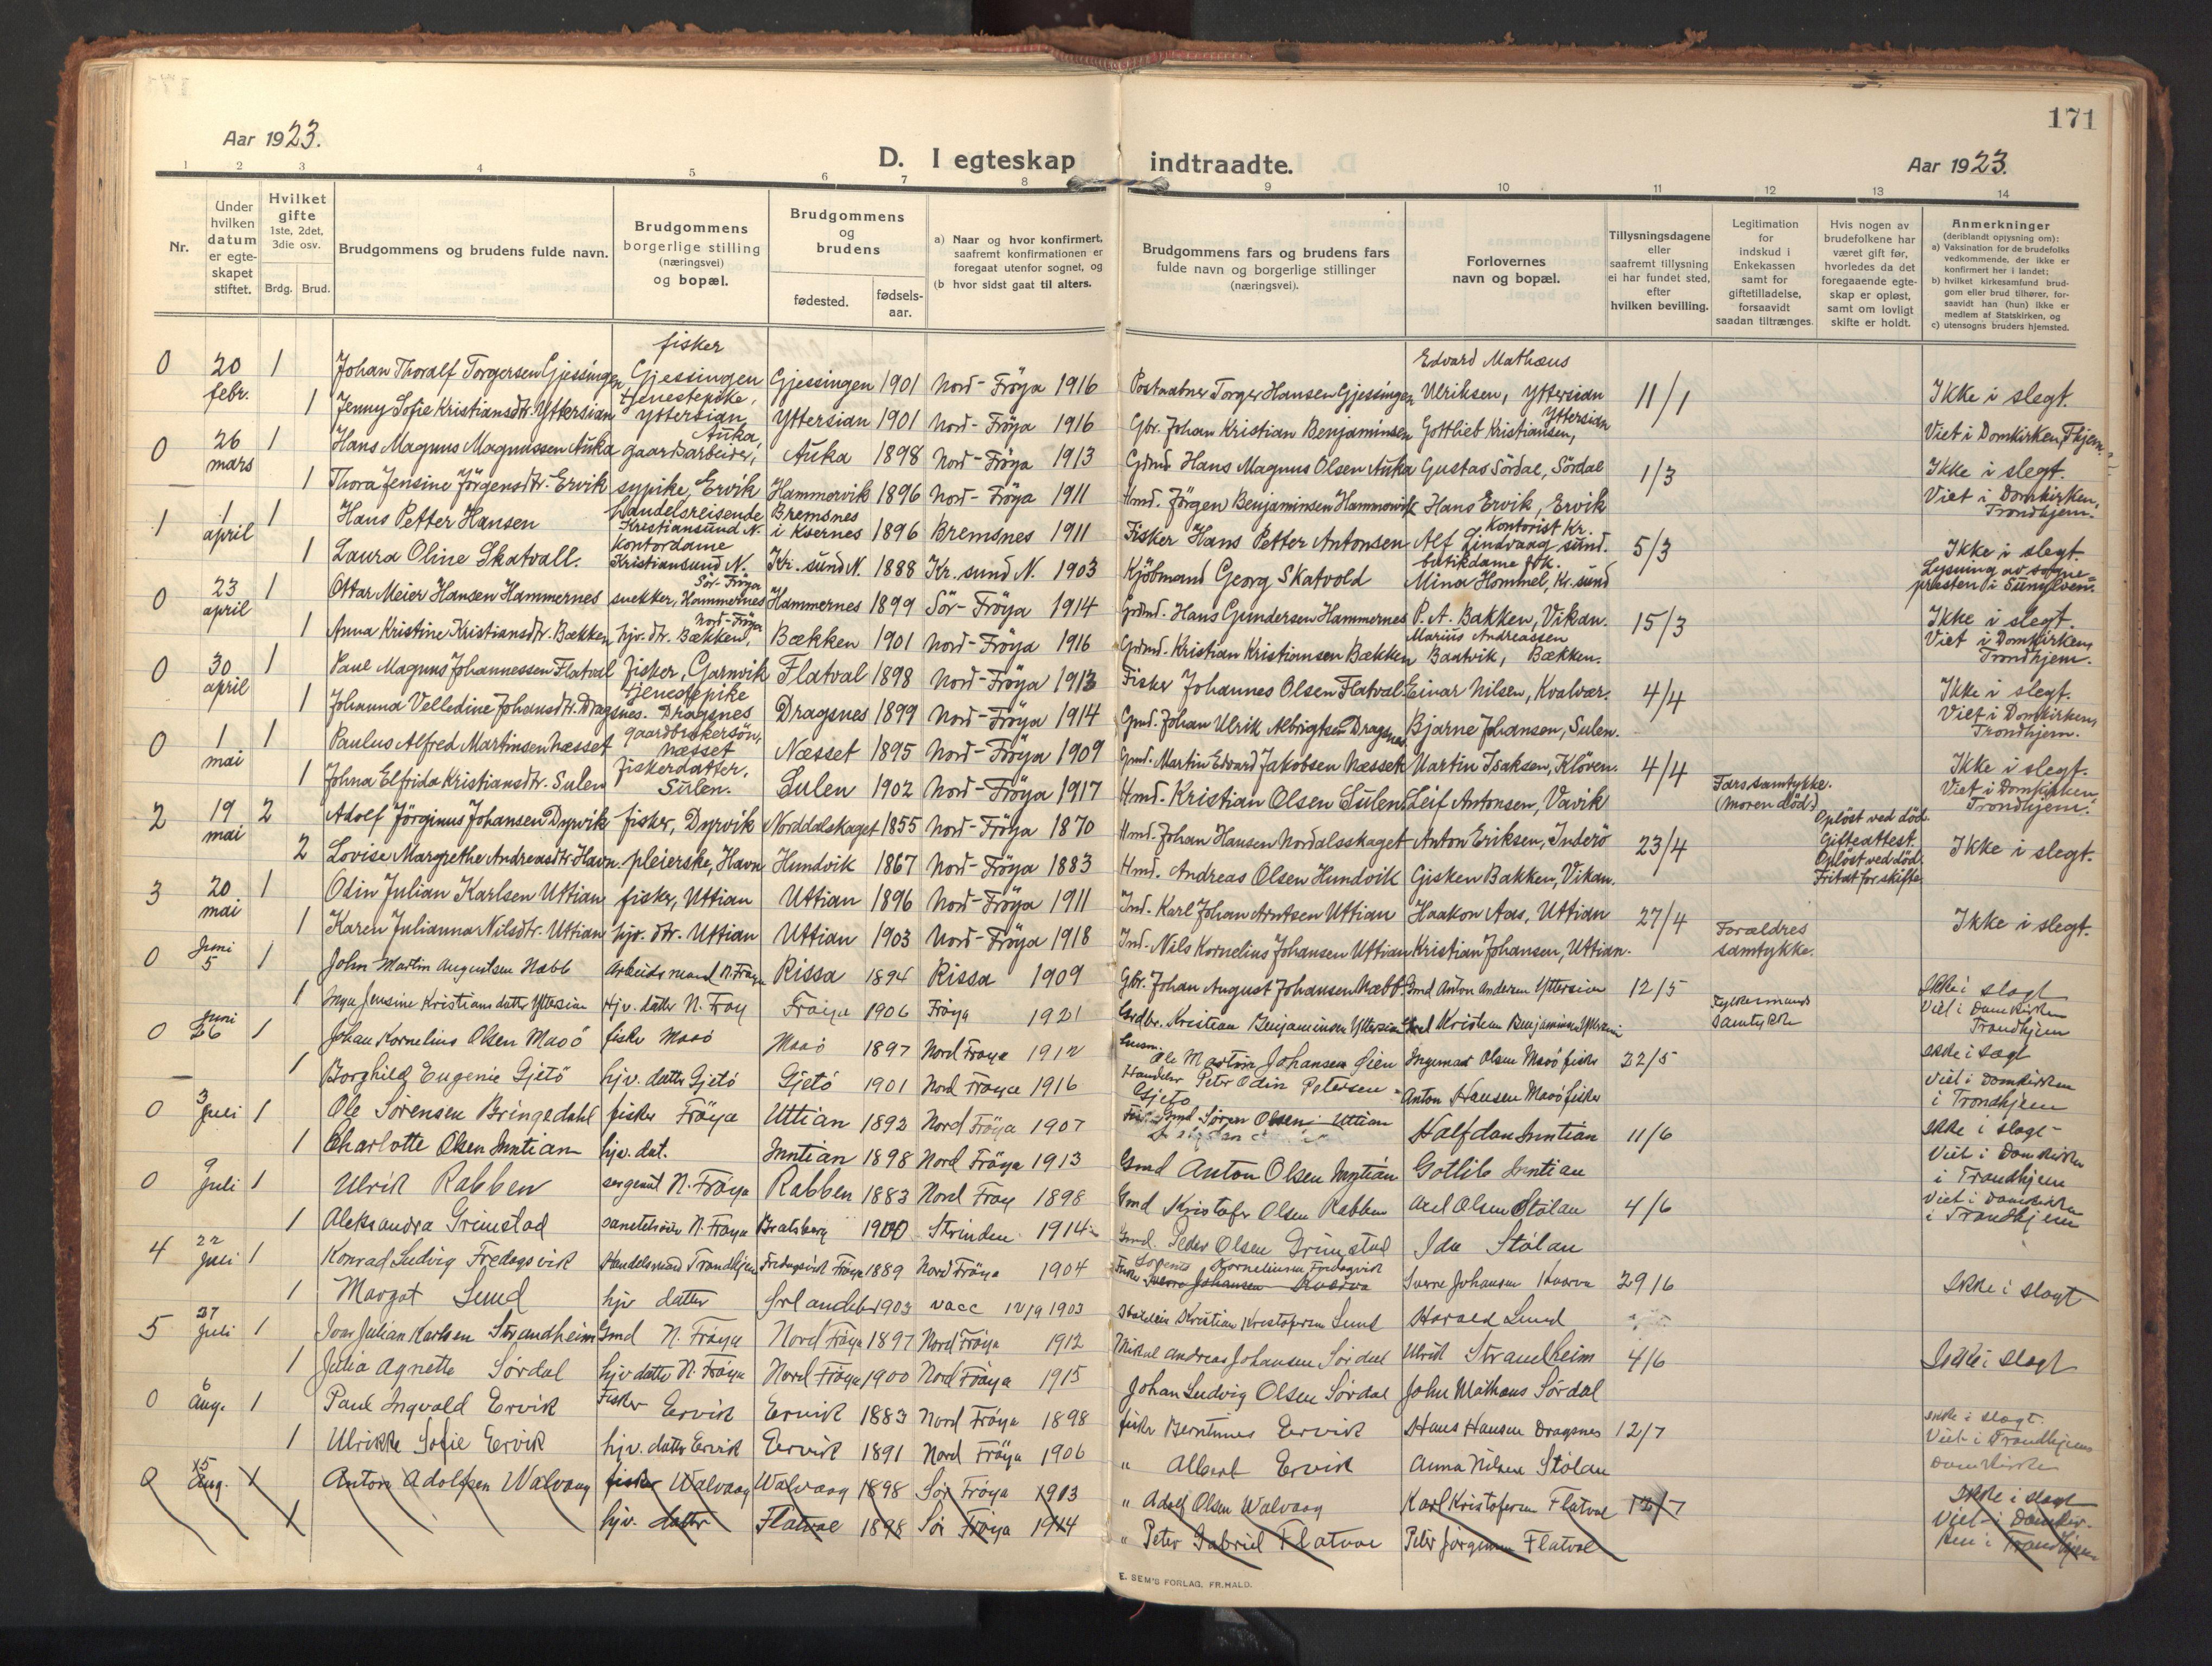 SAT, Ministerialprotokoller, klokkerbøker og fødselsregistre - Sør-Trøndelag, 640/L0581: Ministerialbok nr. 640A06, 1910-1924, s. 171